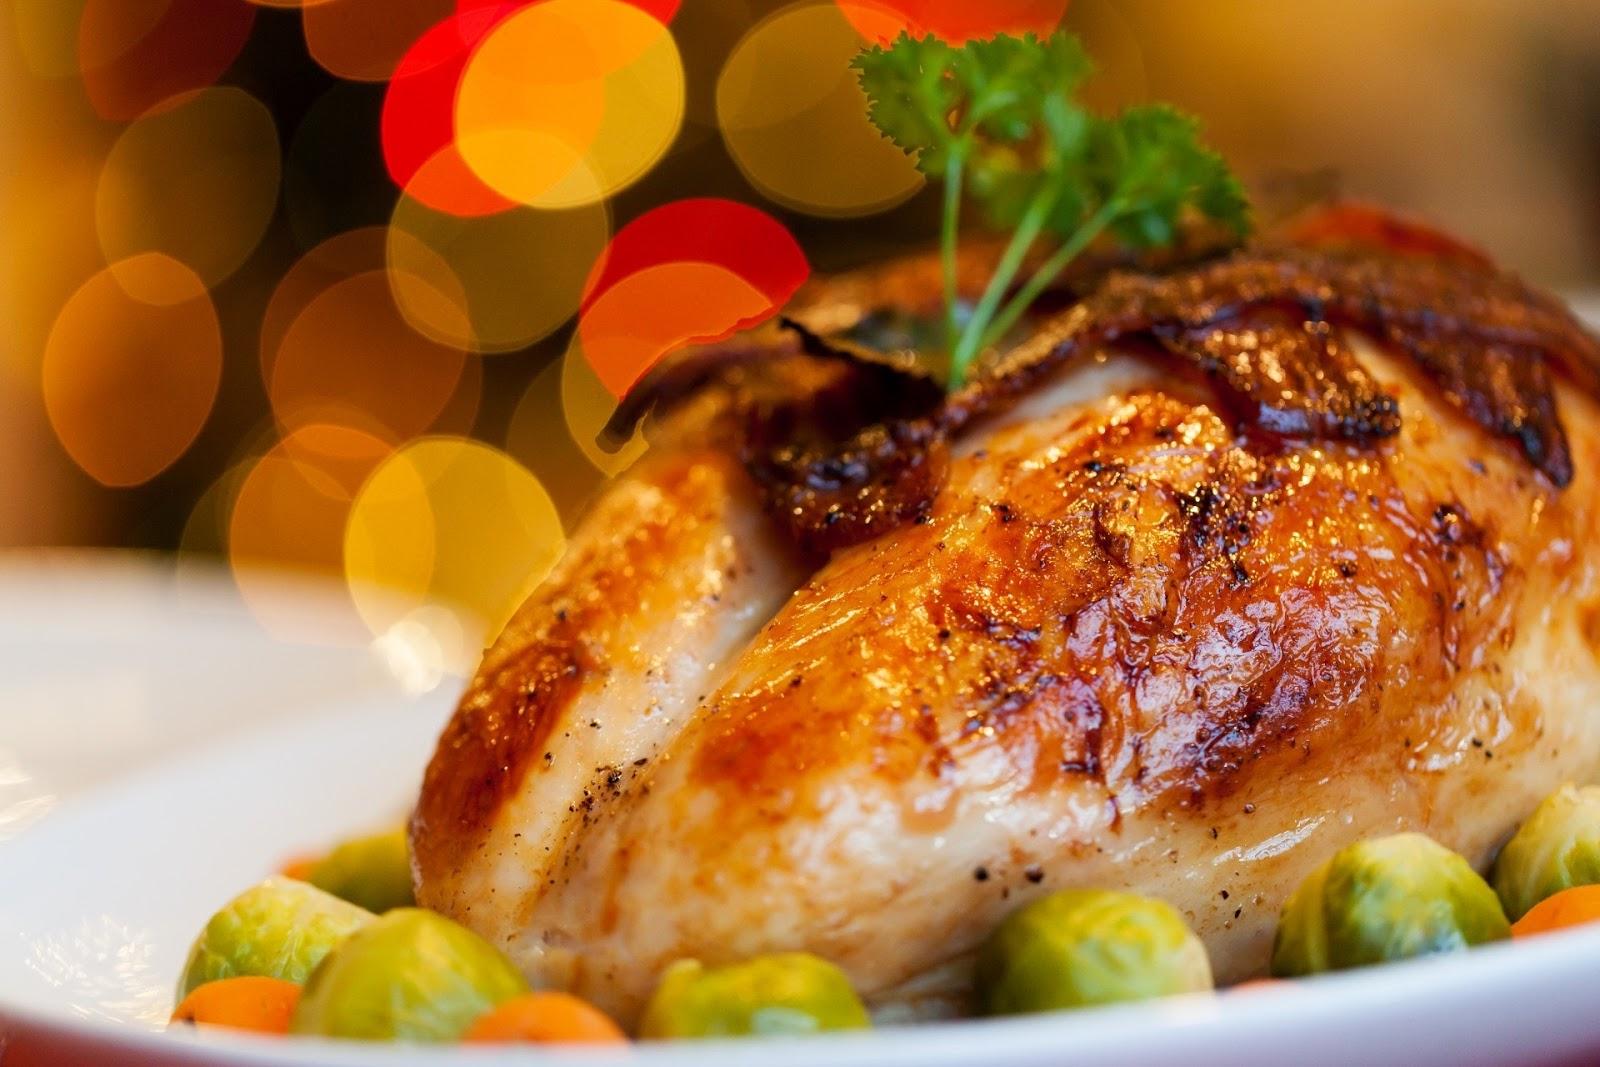 دجاج محمر,دجاج,الدجاج,مغربية,دجاج الاعراس,دجاج بالفرن,الدجاج بالطريقة المغربية,طريقة,مطبخ,طاجين مغربي,طبخ,طاجين,طريقة تحضير المغربية,وصفات,الدجاج المدغمر,الدجاج المحمر,المغربية,وصفات مغربية,مغربية بالدجاج,وصفات دجاج,دجاج بالطريقة المغربية,طبخ مغربي